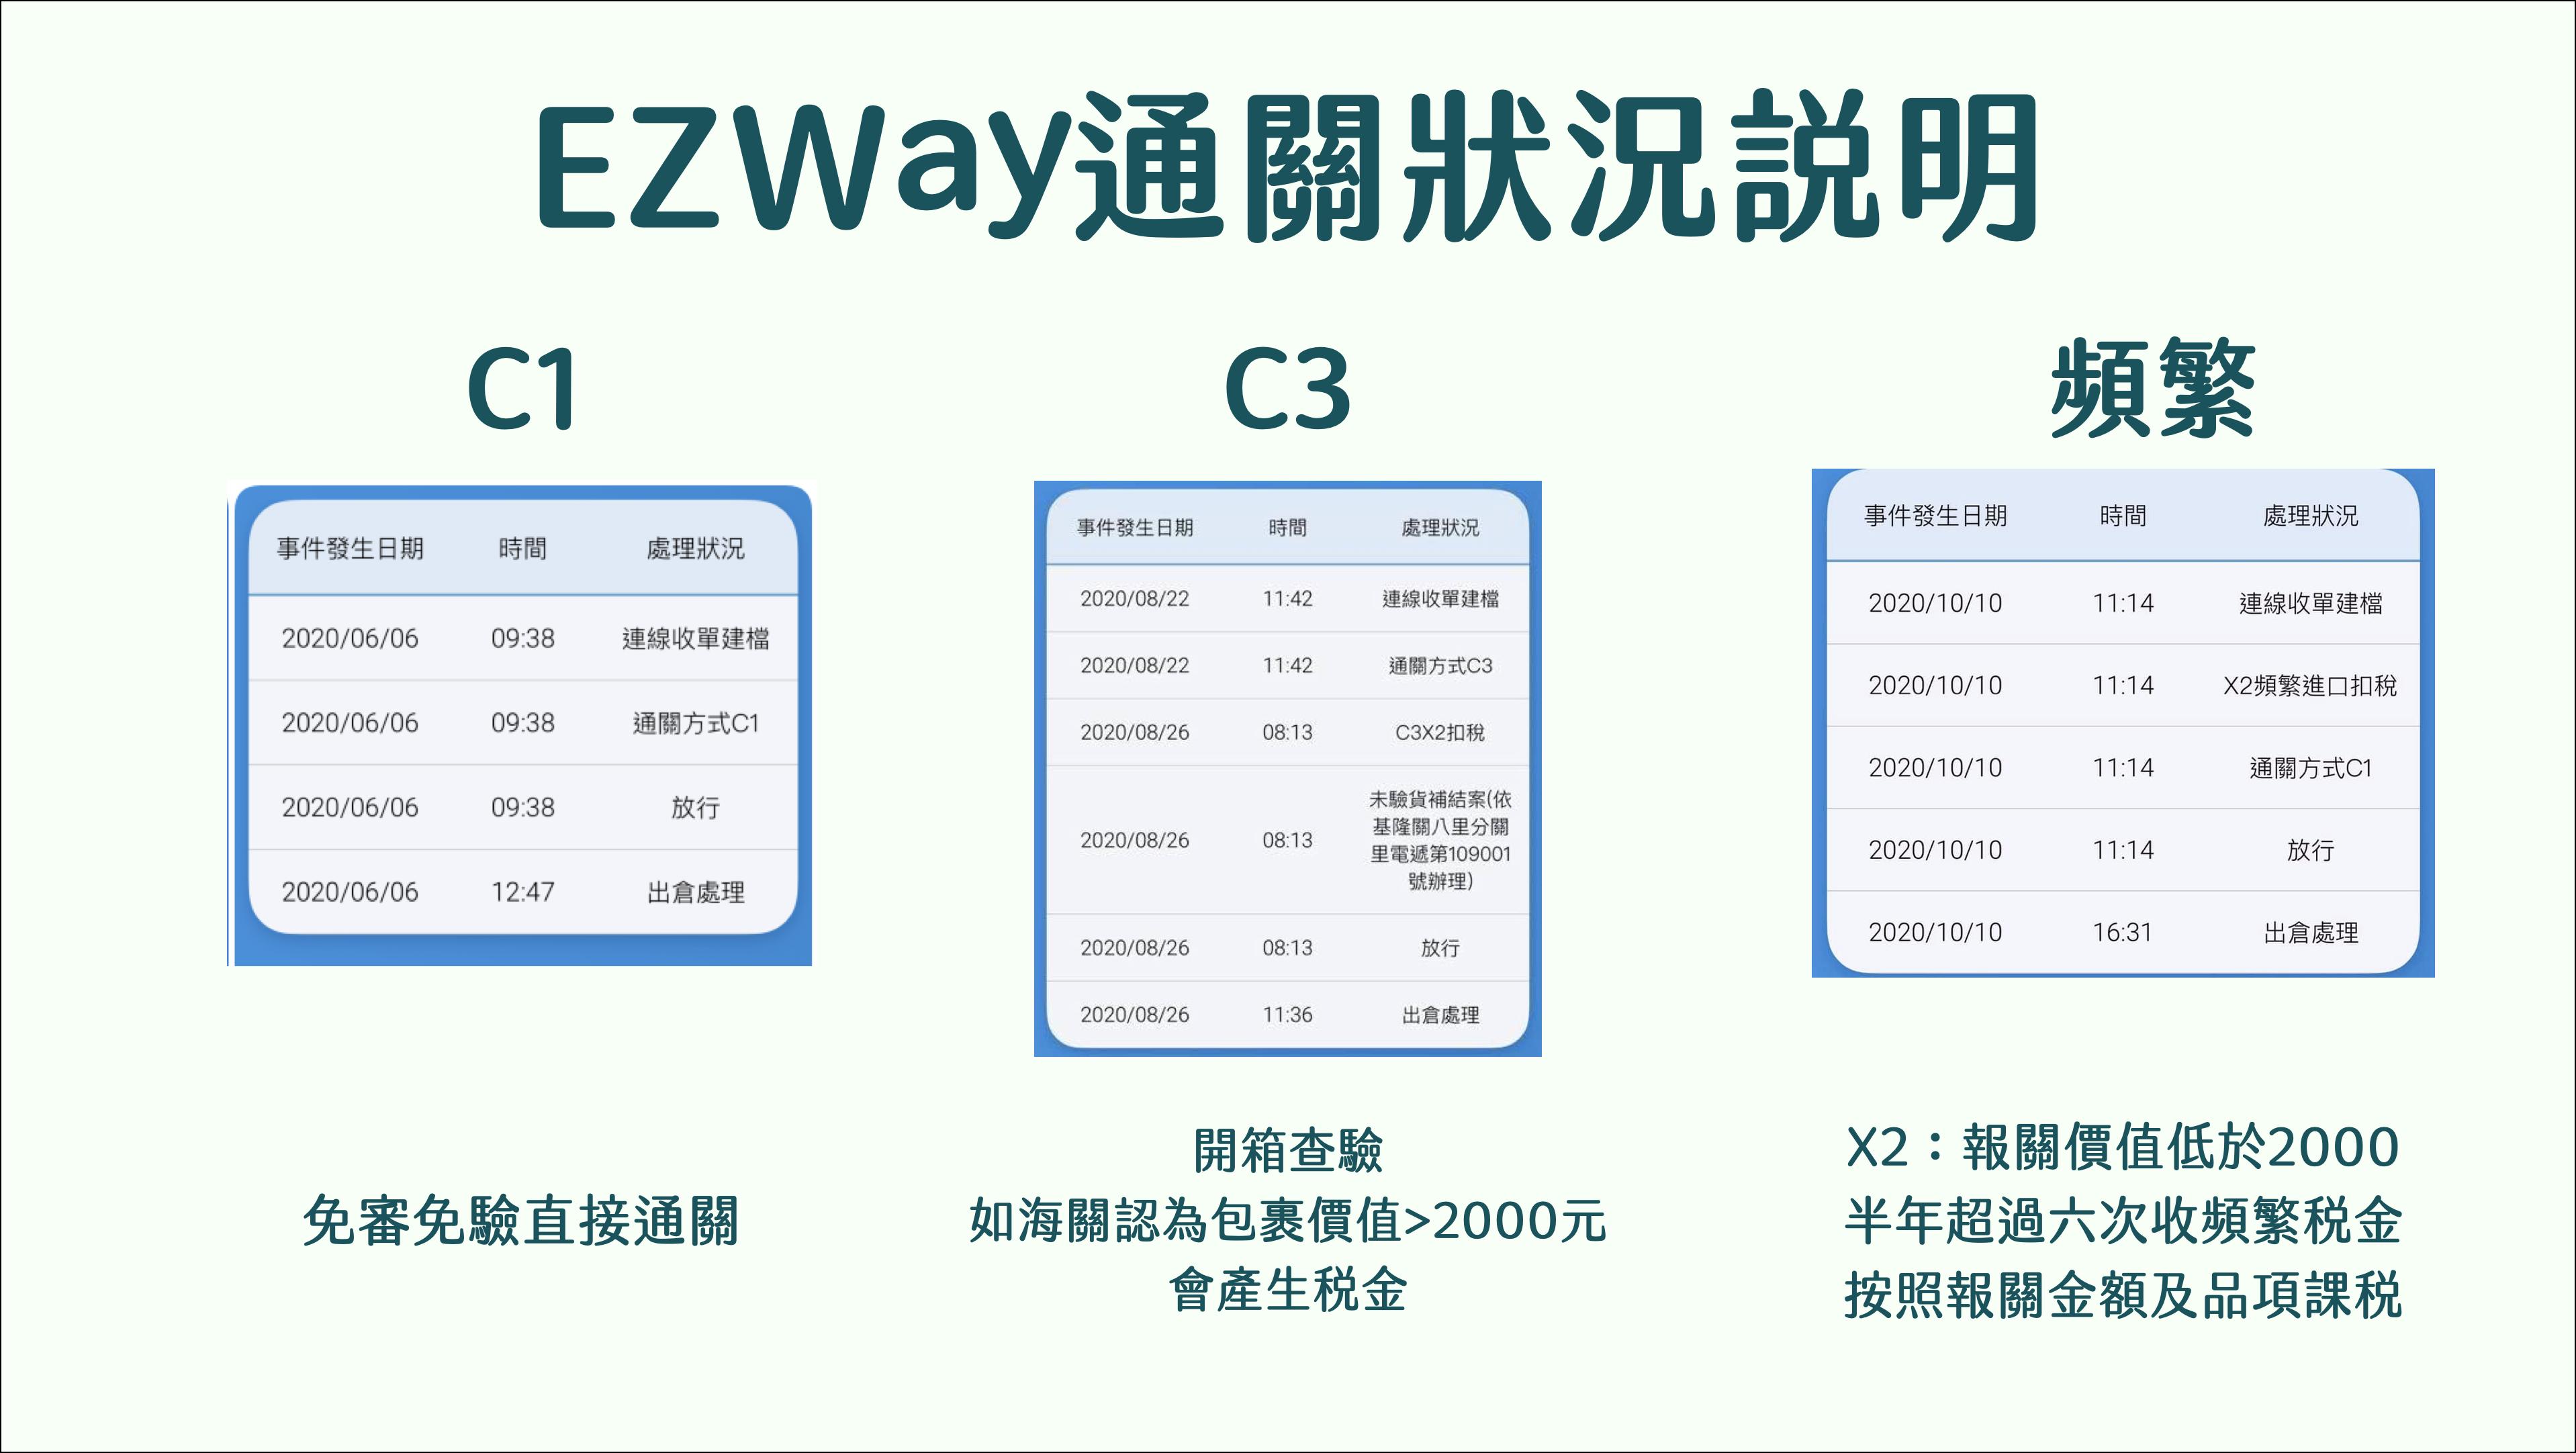 ezway c1x2 c3x2 c1x3 c3x3